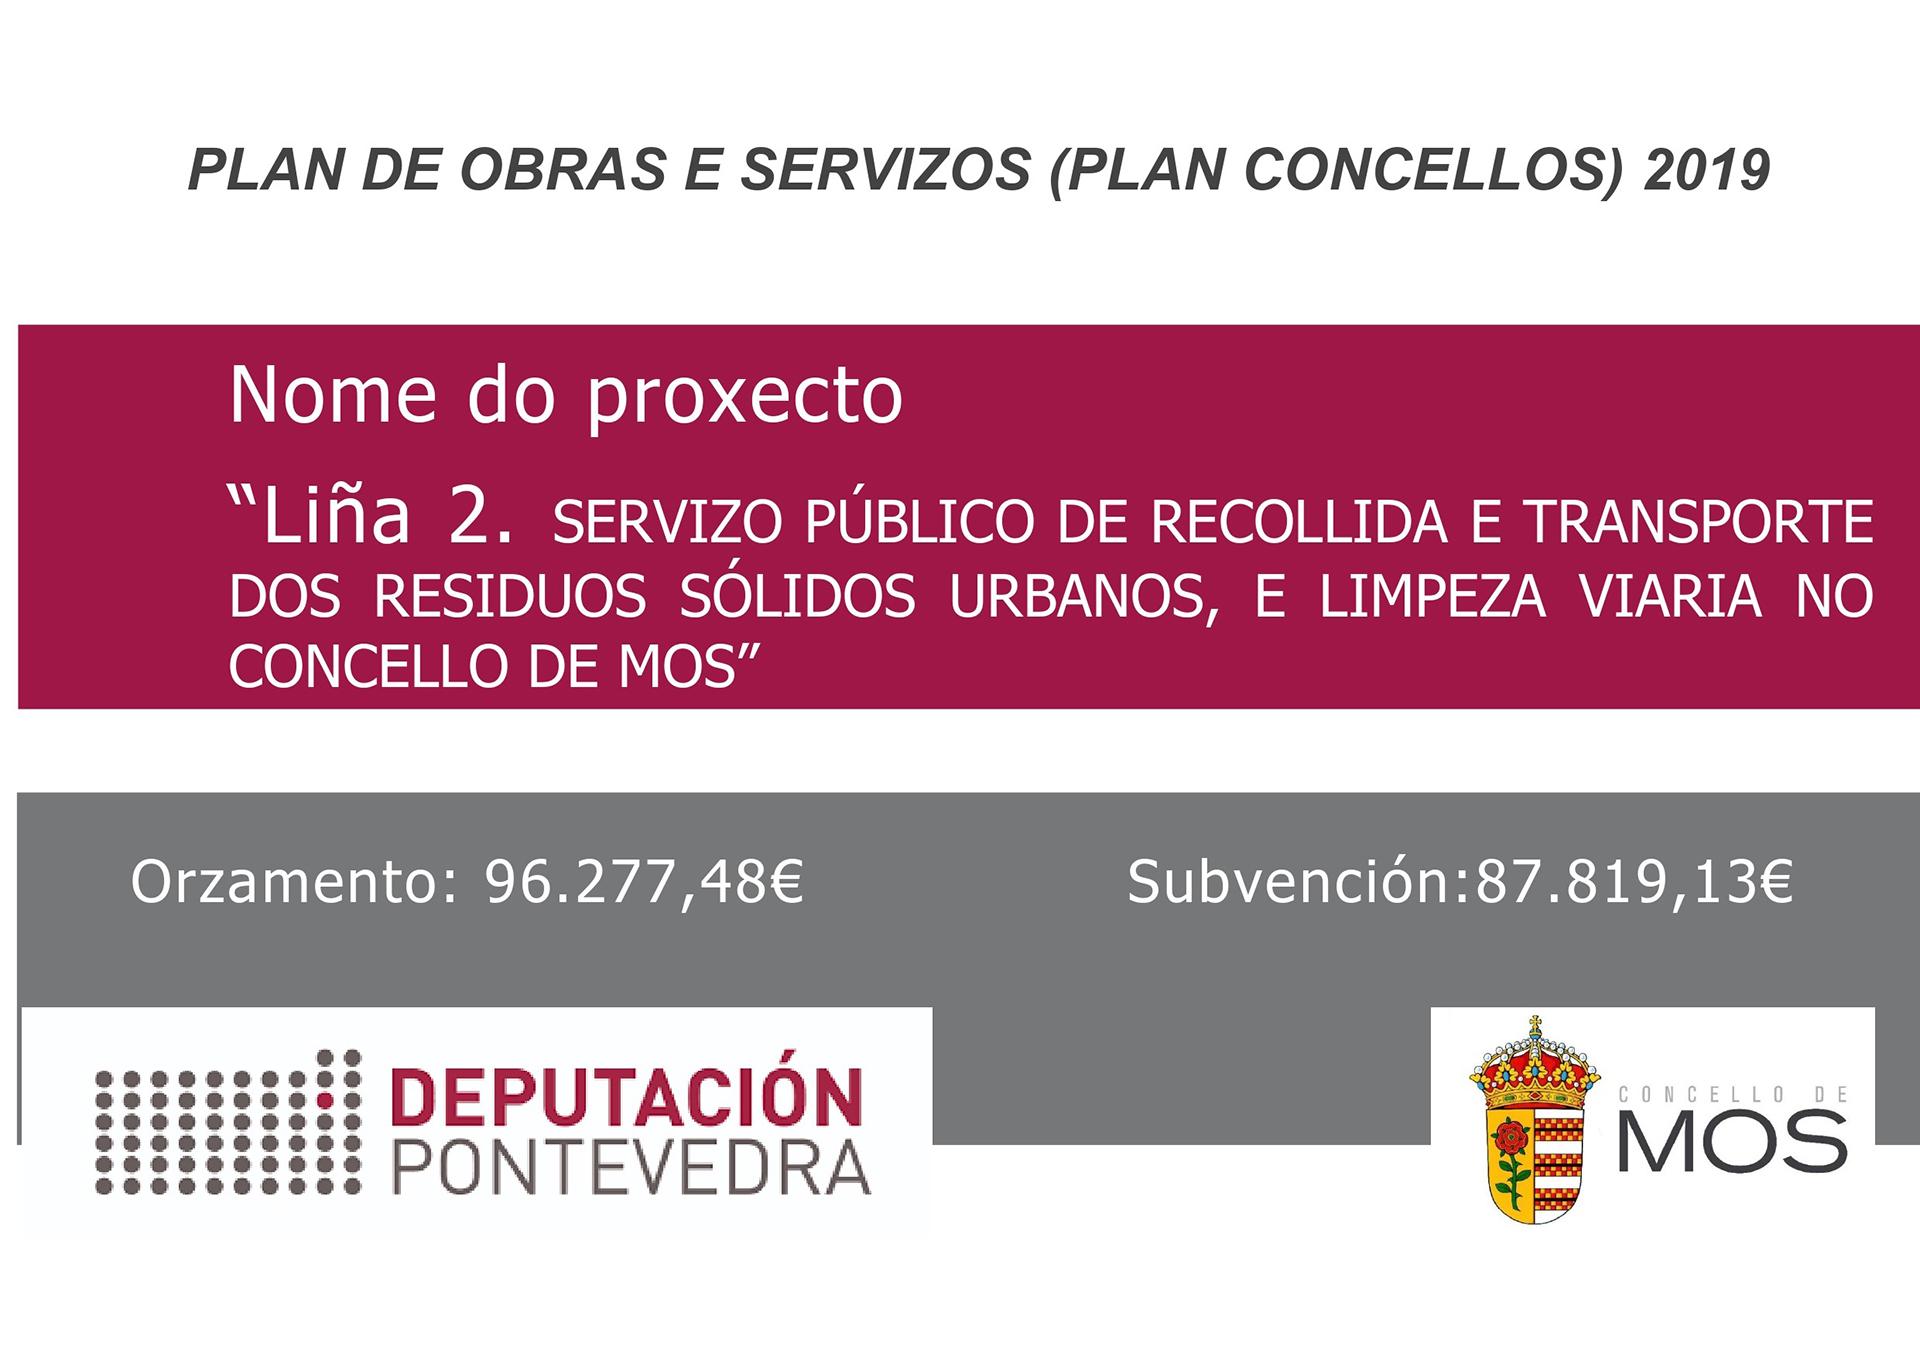 Plan de obras e servizos 2019 - Liña 2